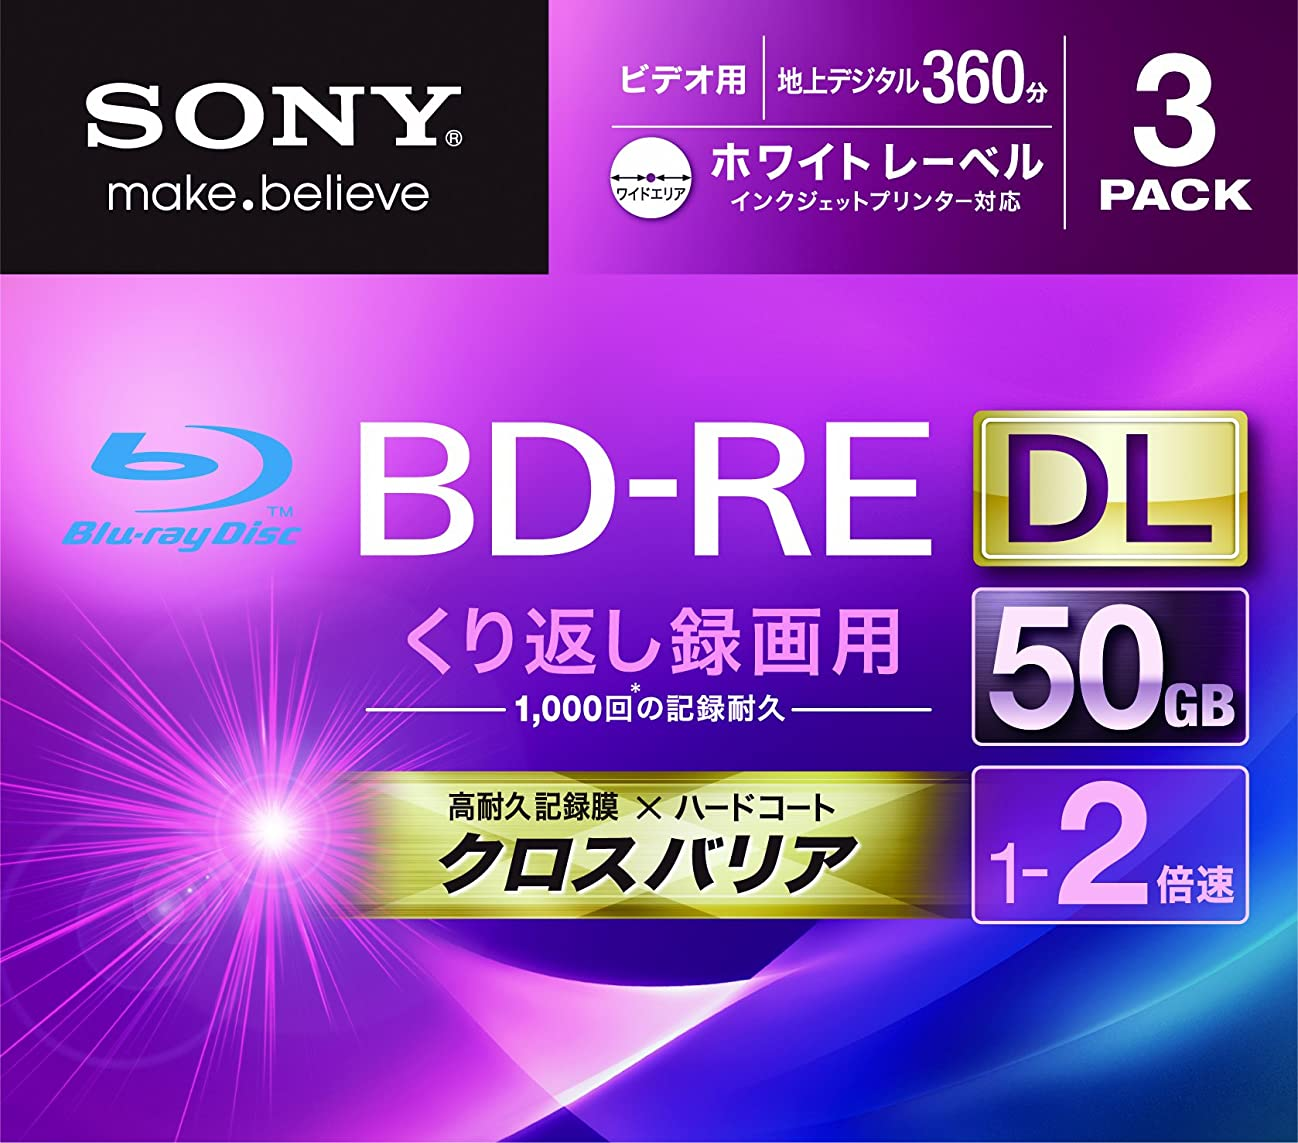 先のことを考える無傷スポークスマンTDK 録画用ブルーレイディスク BD-RE 25GB 1-2倍速 ホワイトワイドプリンタブル 20枚スピンドル BEV25PWA20PA